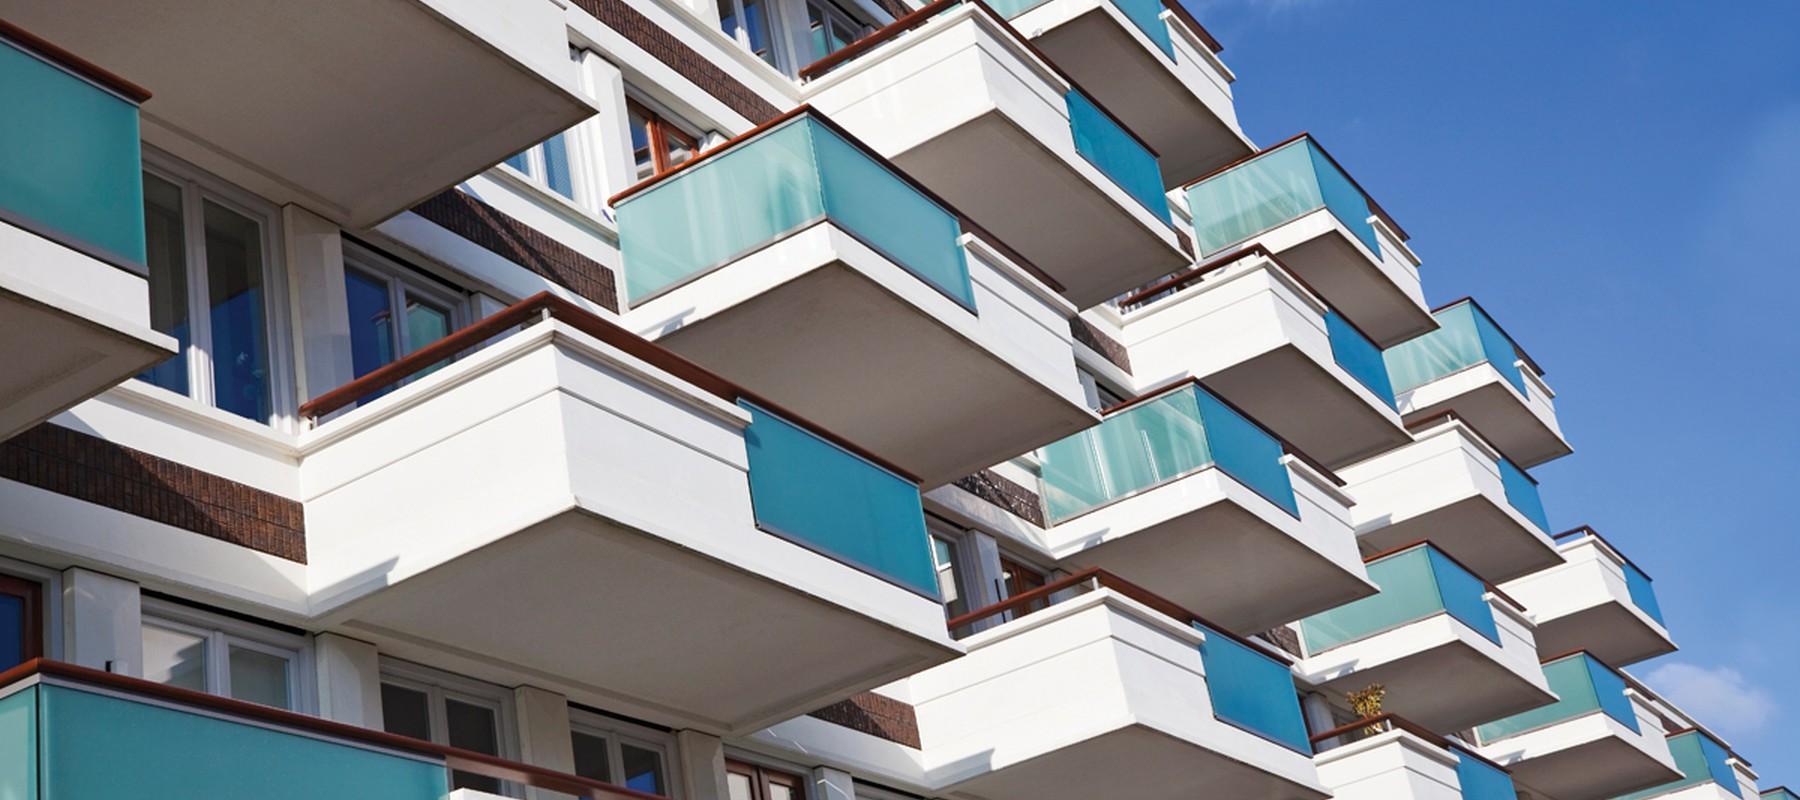 Is uw gebouw binnenkort honderd procent sleutelvrij? Ik denk het niet